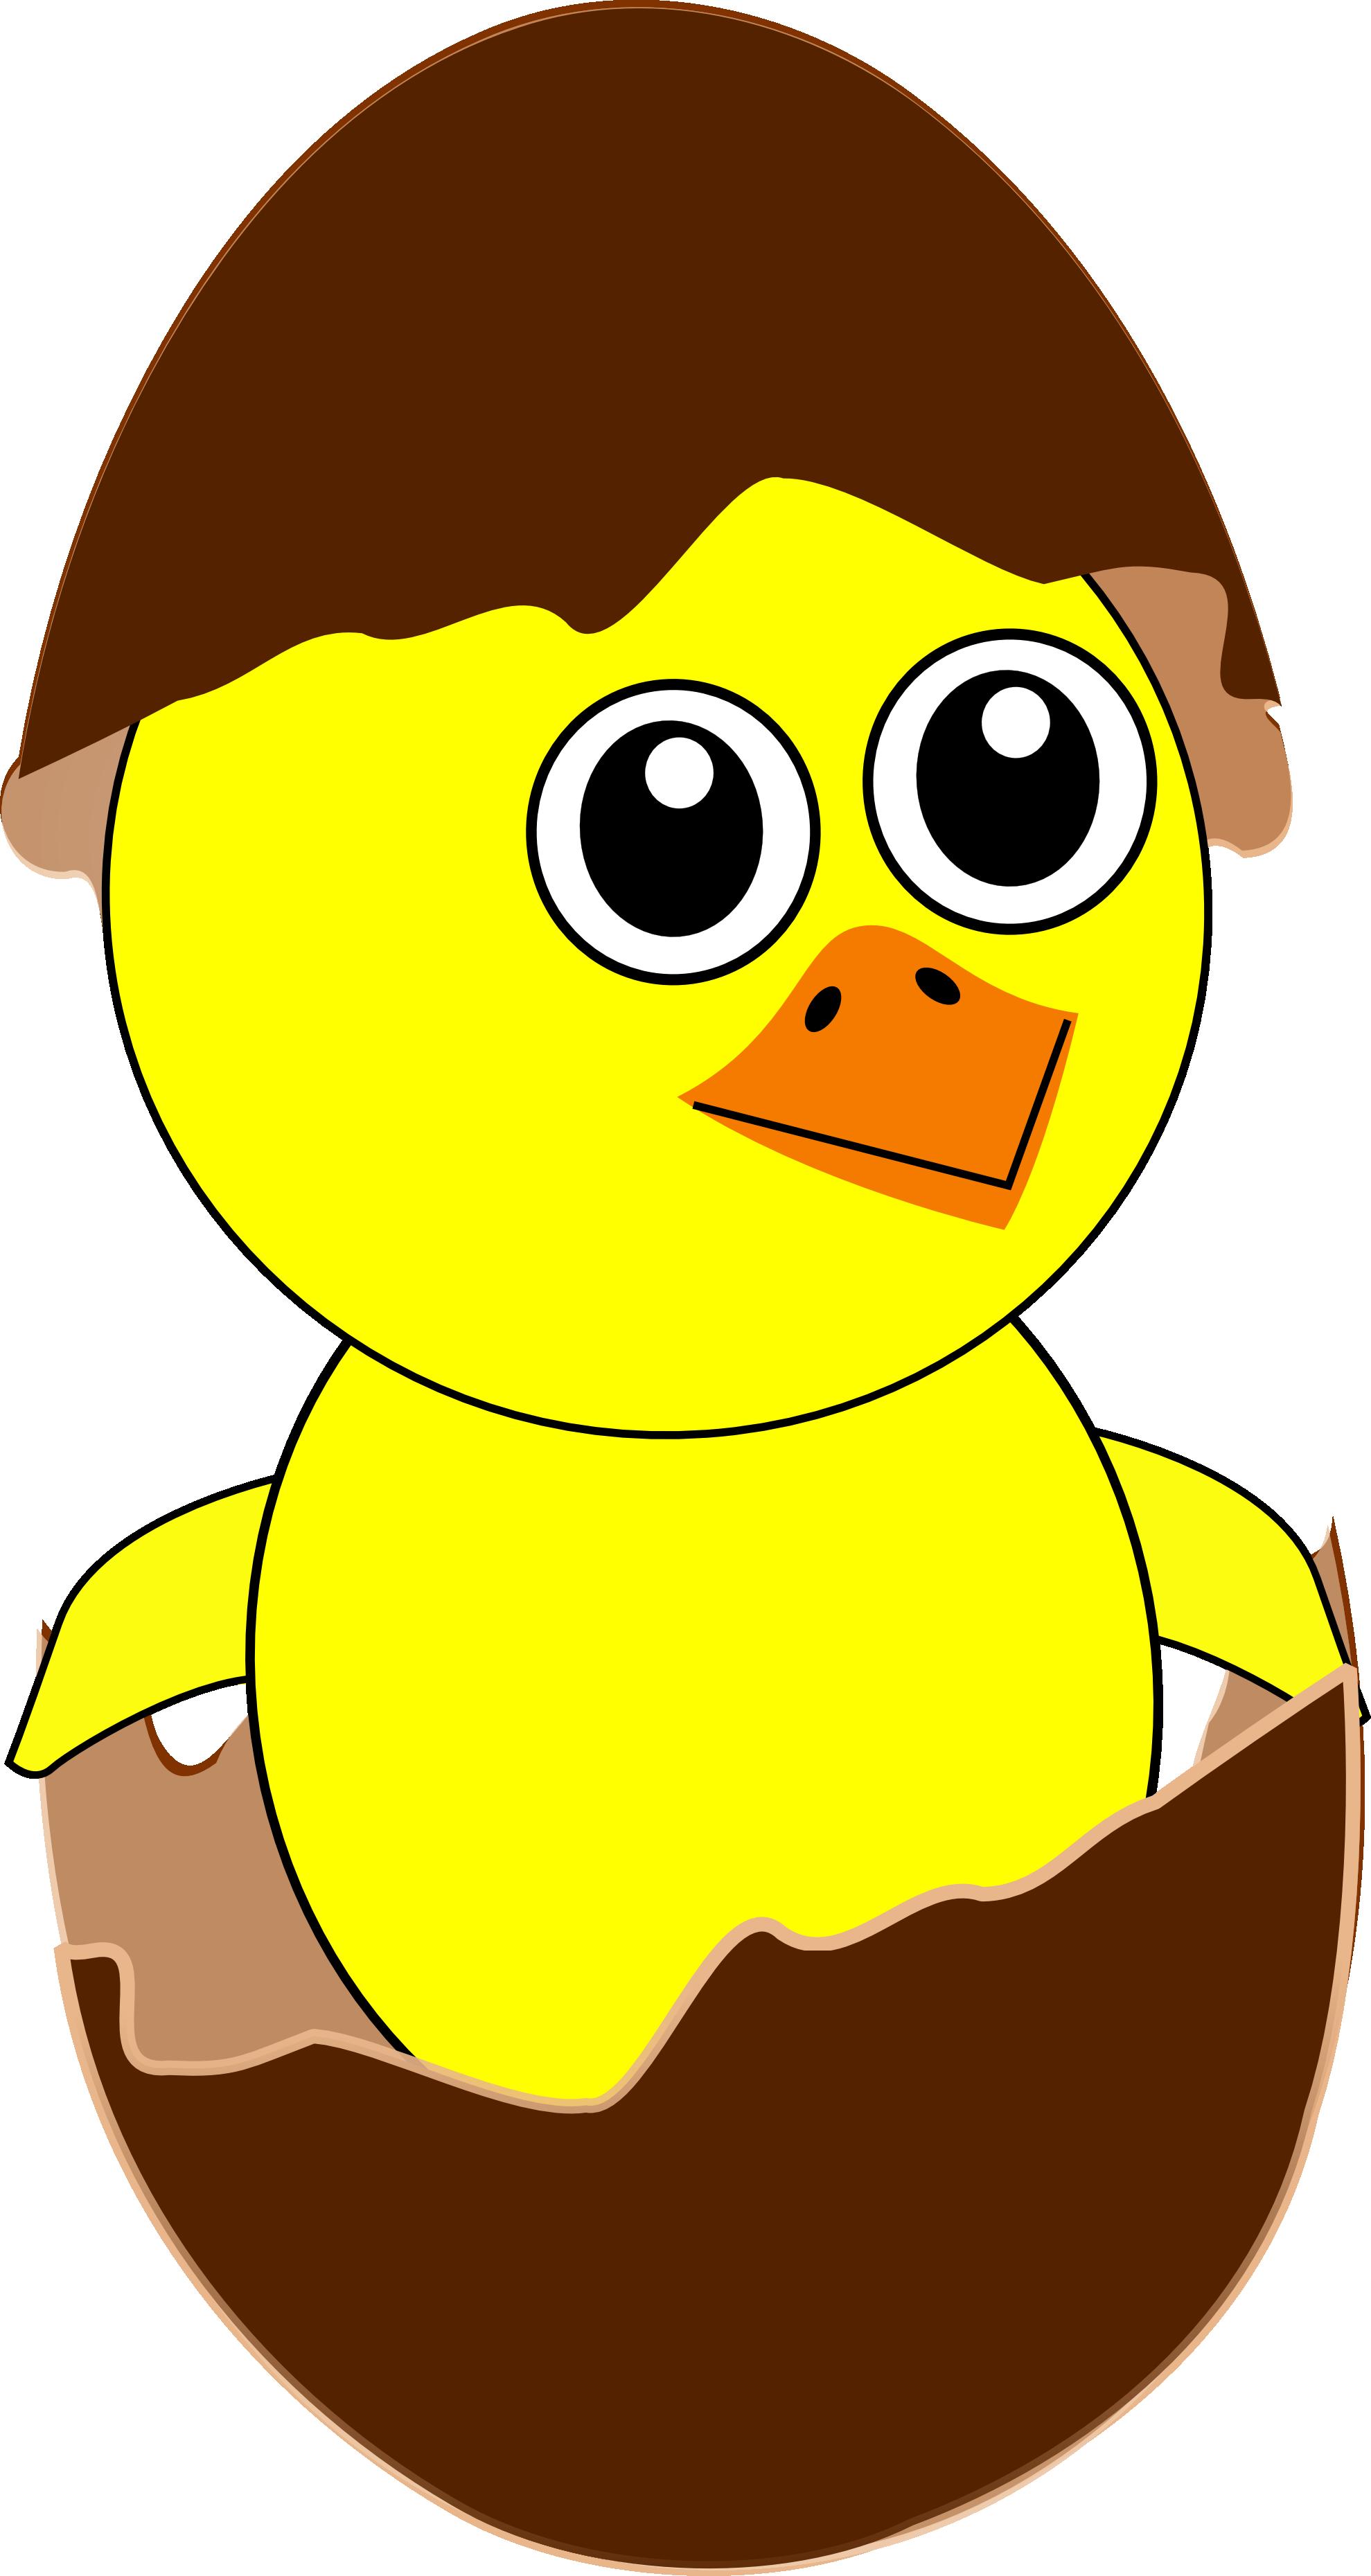 Cartoon Egg - ClipArt Best